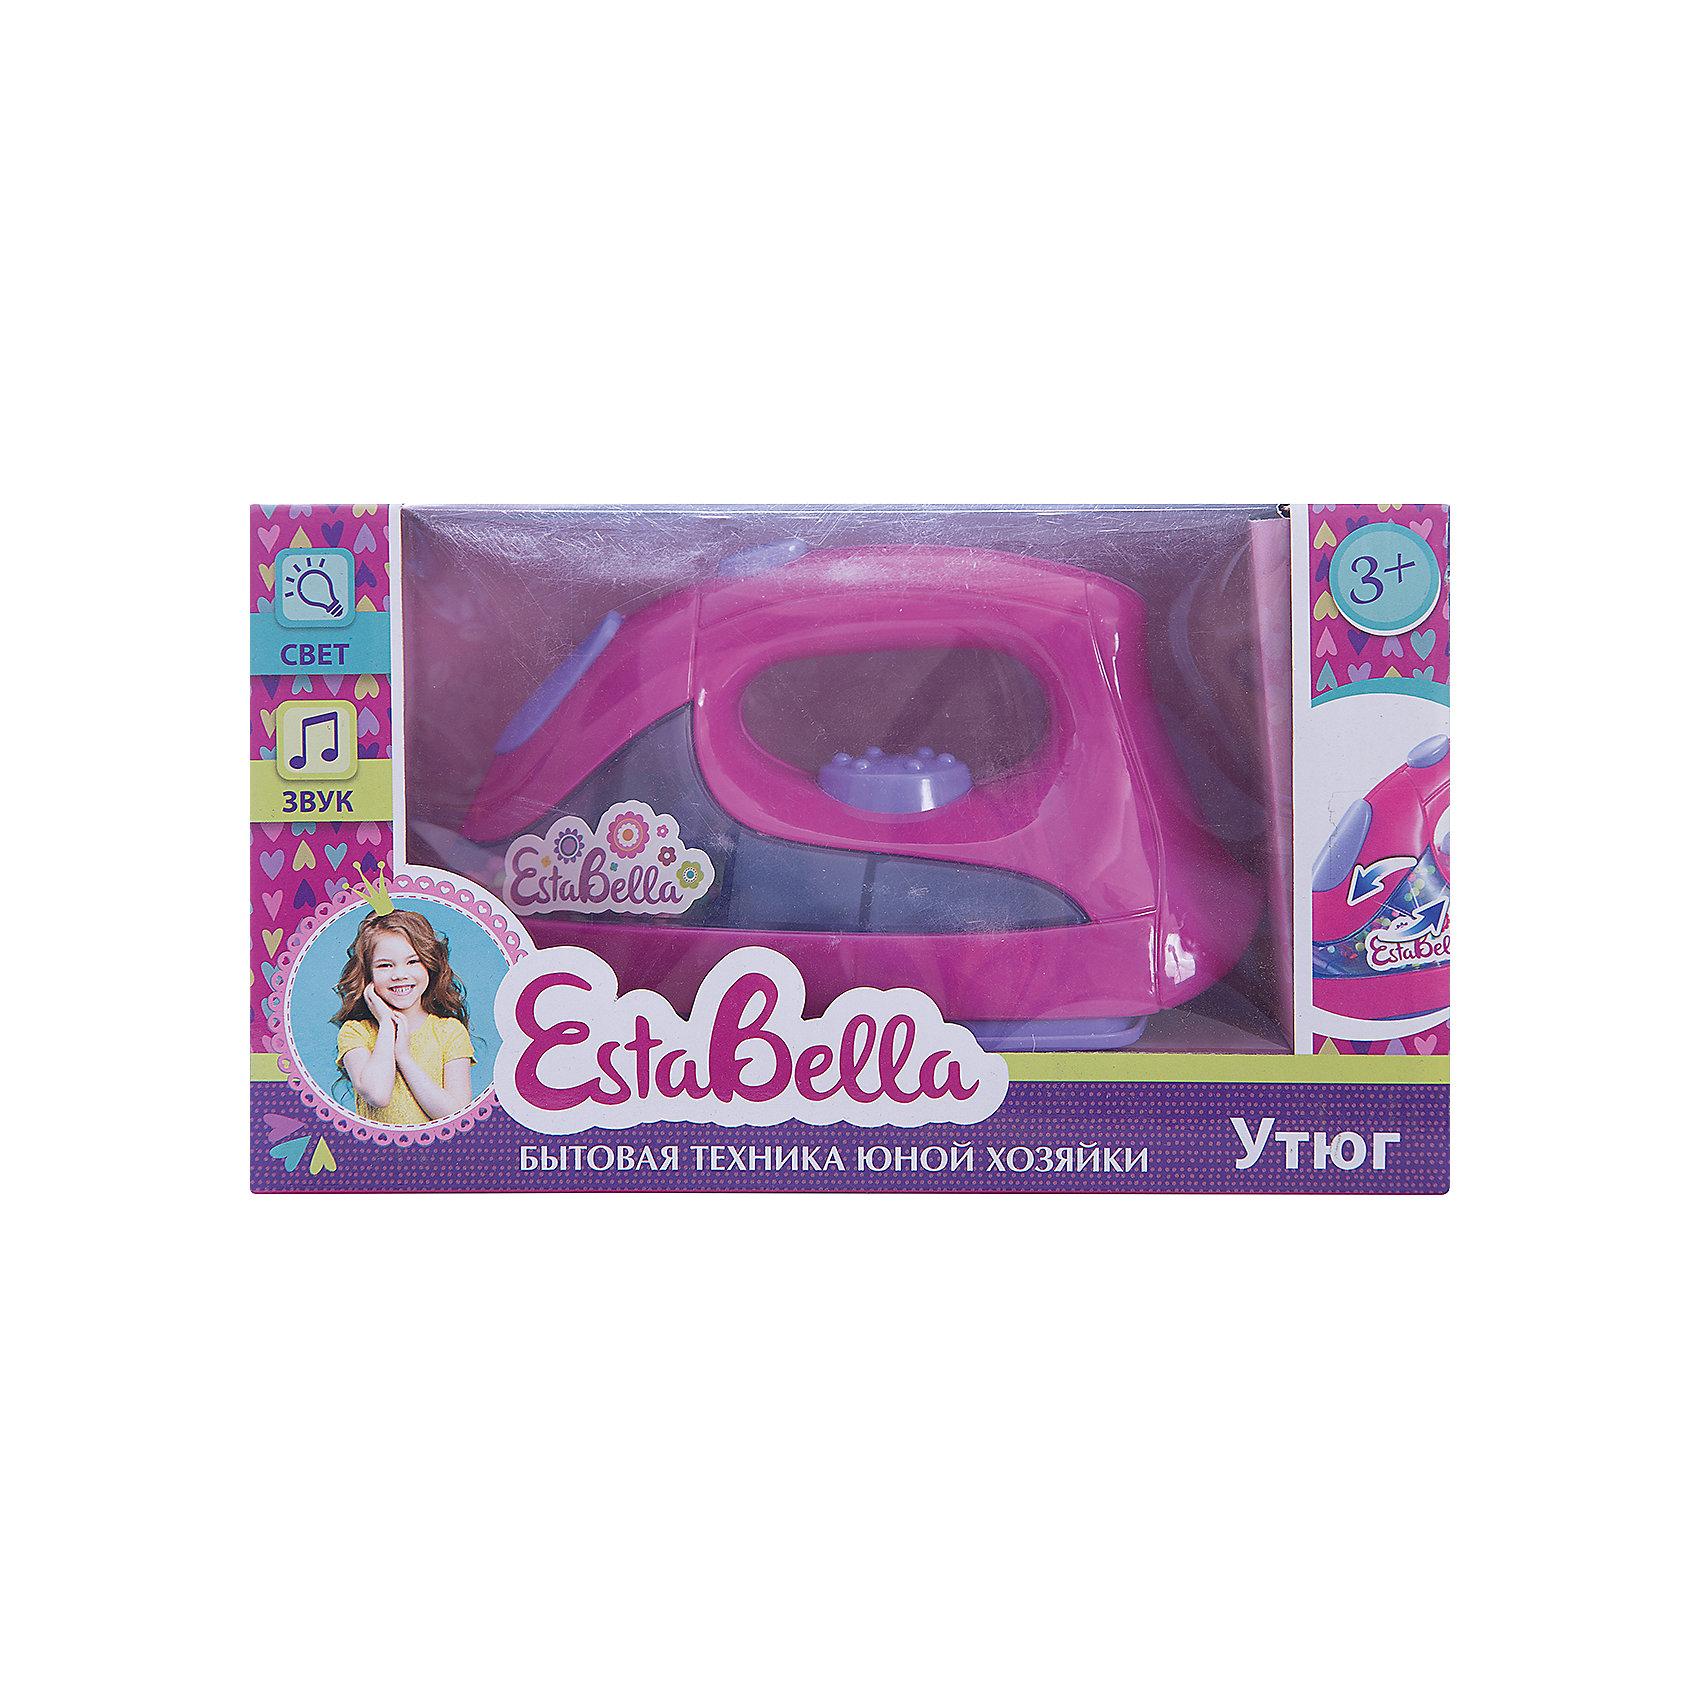 Игрушка Утюг DeLuxe , EstaBellaИгрушечная бытовая техника<br>Игрушка Утюг DeLuxe, EstaBella (Эстабелла).<br><br>Характеристики:<br><br>• световые и звуковые эффекты<br>• полностью безопасен для ребенка<br>• материал: пластик<br>• вес: 255 грамм<br>• размер упаковки: 13х9х22 см<br><br>Утюг EstaBella (Эстабелла) - копия настоящего утюга. Он имеет несколько кнопок и удобную для ребенка ручку. Яркие лампочки, забавные мелодии и различные программы сделают игру еще более интереснее! После этой игрушки девочка с радостью будет помогать маме гладить.<br><br>Вы можете купить игрушку Утюг DeLuxe, EstaBella (Эстабелла) в нашем интернет-магазине.<br><br>Ширина мм: 220<br>Глубина мм: 90<br>Высота мм: 130<br>Вес г: 255<br>Возраст от месяцев: 36<br>Возраст до месяцев: 120<br>Пол: Женский<br>Возраст: Детский<br>SKU: 5017657